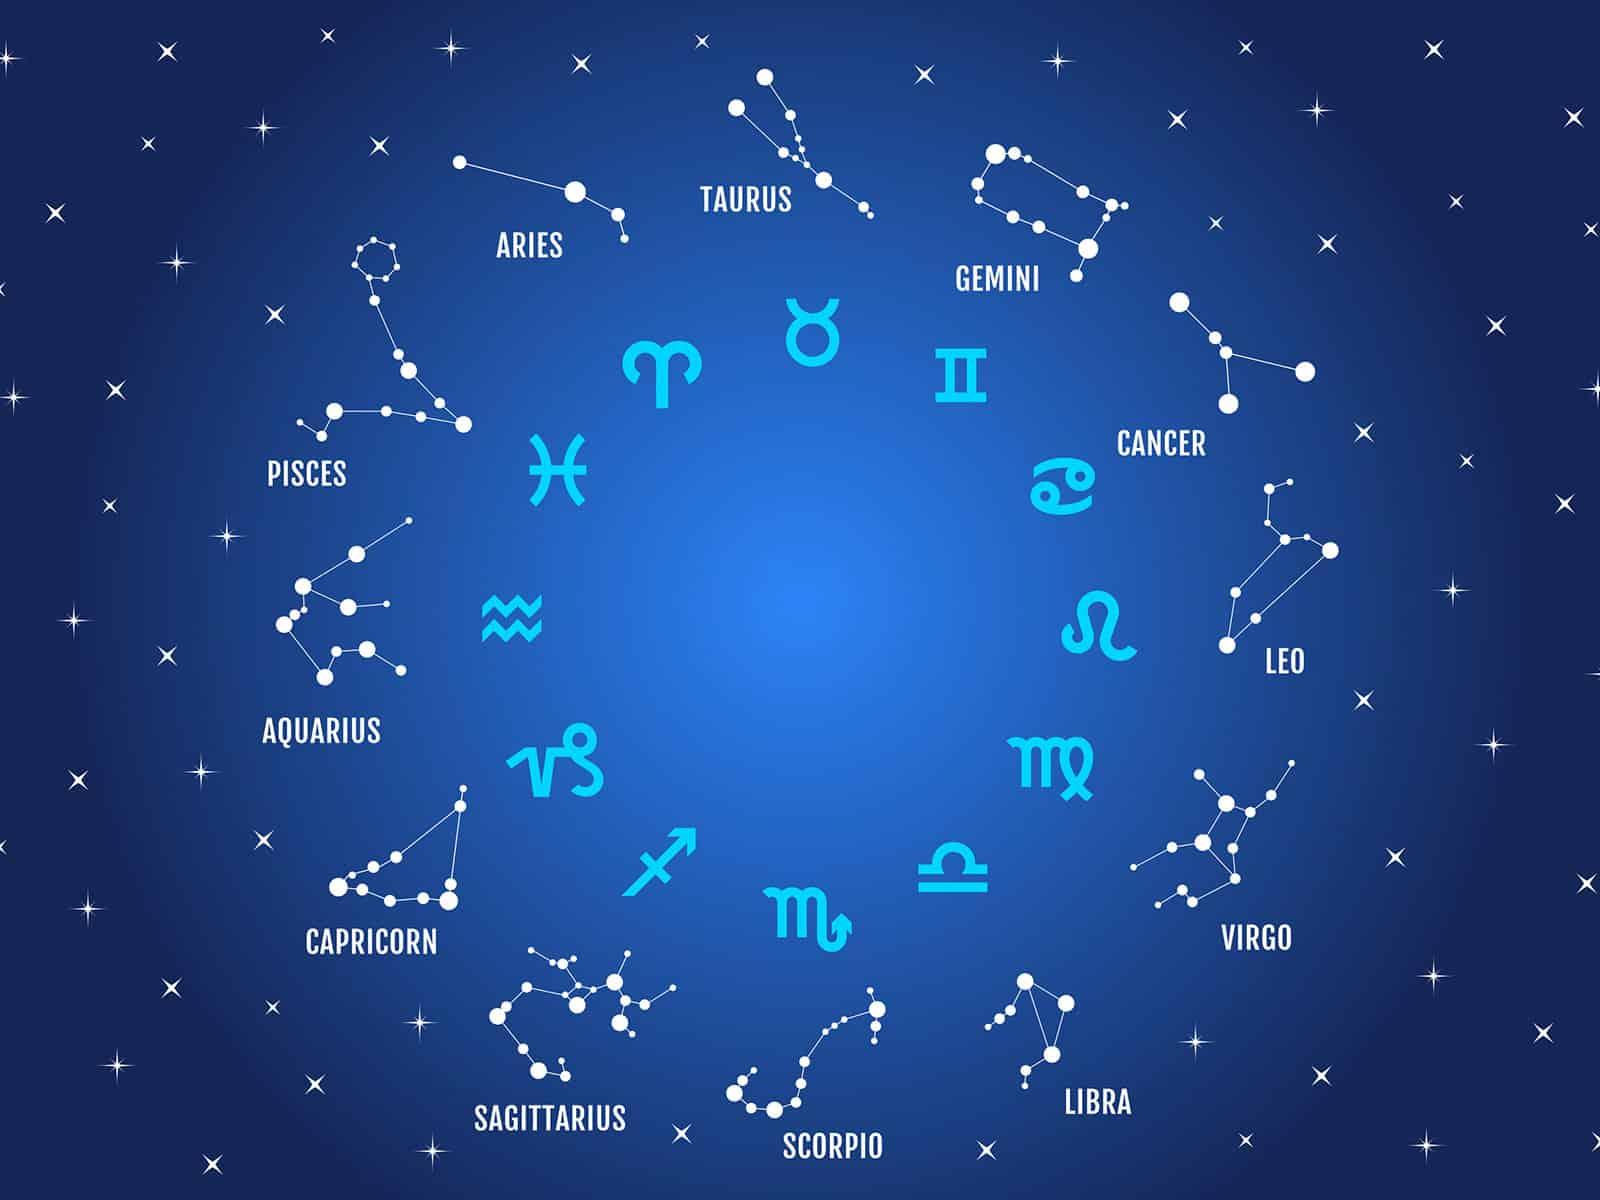 On dénombre 12 signes astrologiques